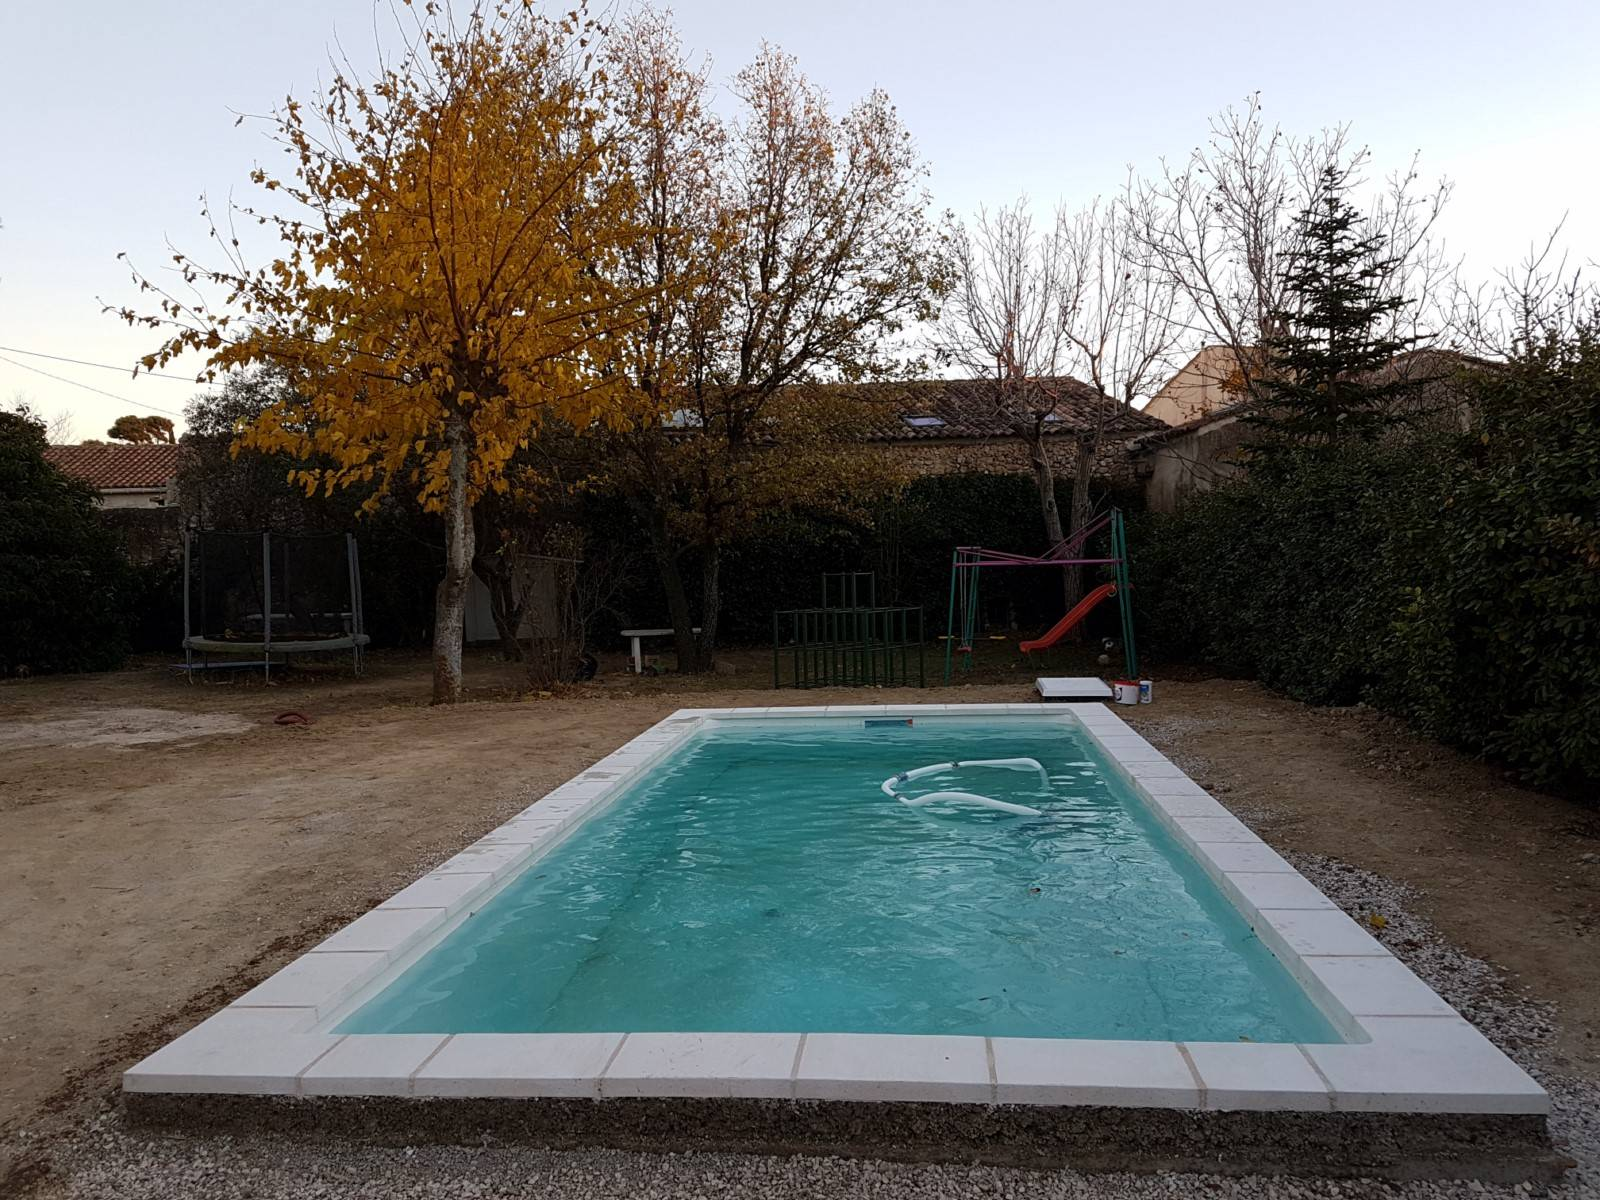 piscine kit coque polyester sicile france piscines composites ferr piscines. Black Bedroom Furniture Sets. Home Design Ideas